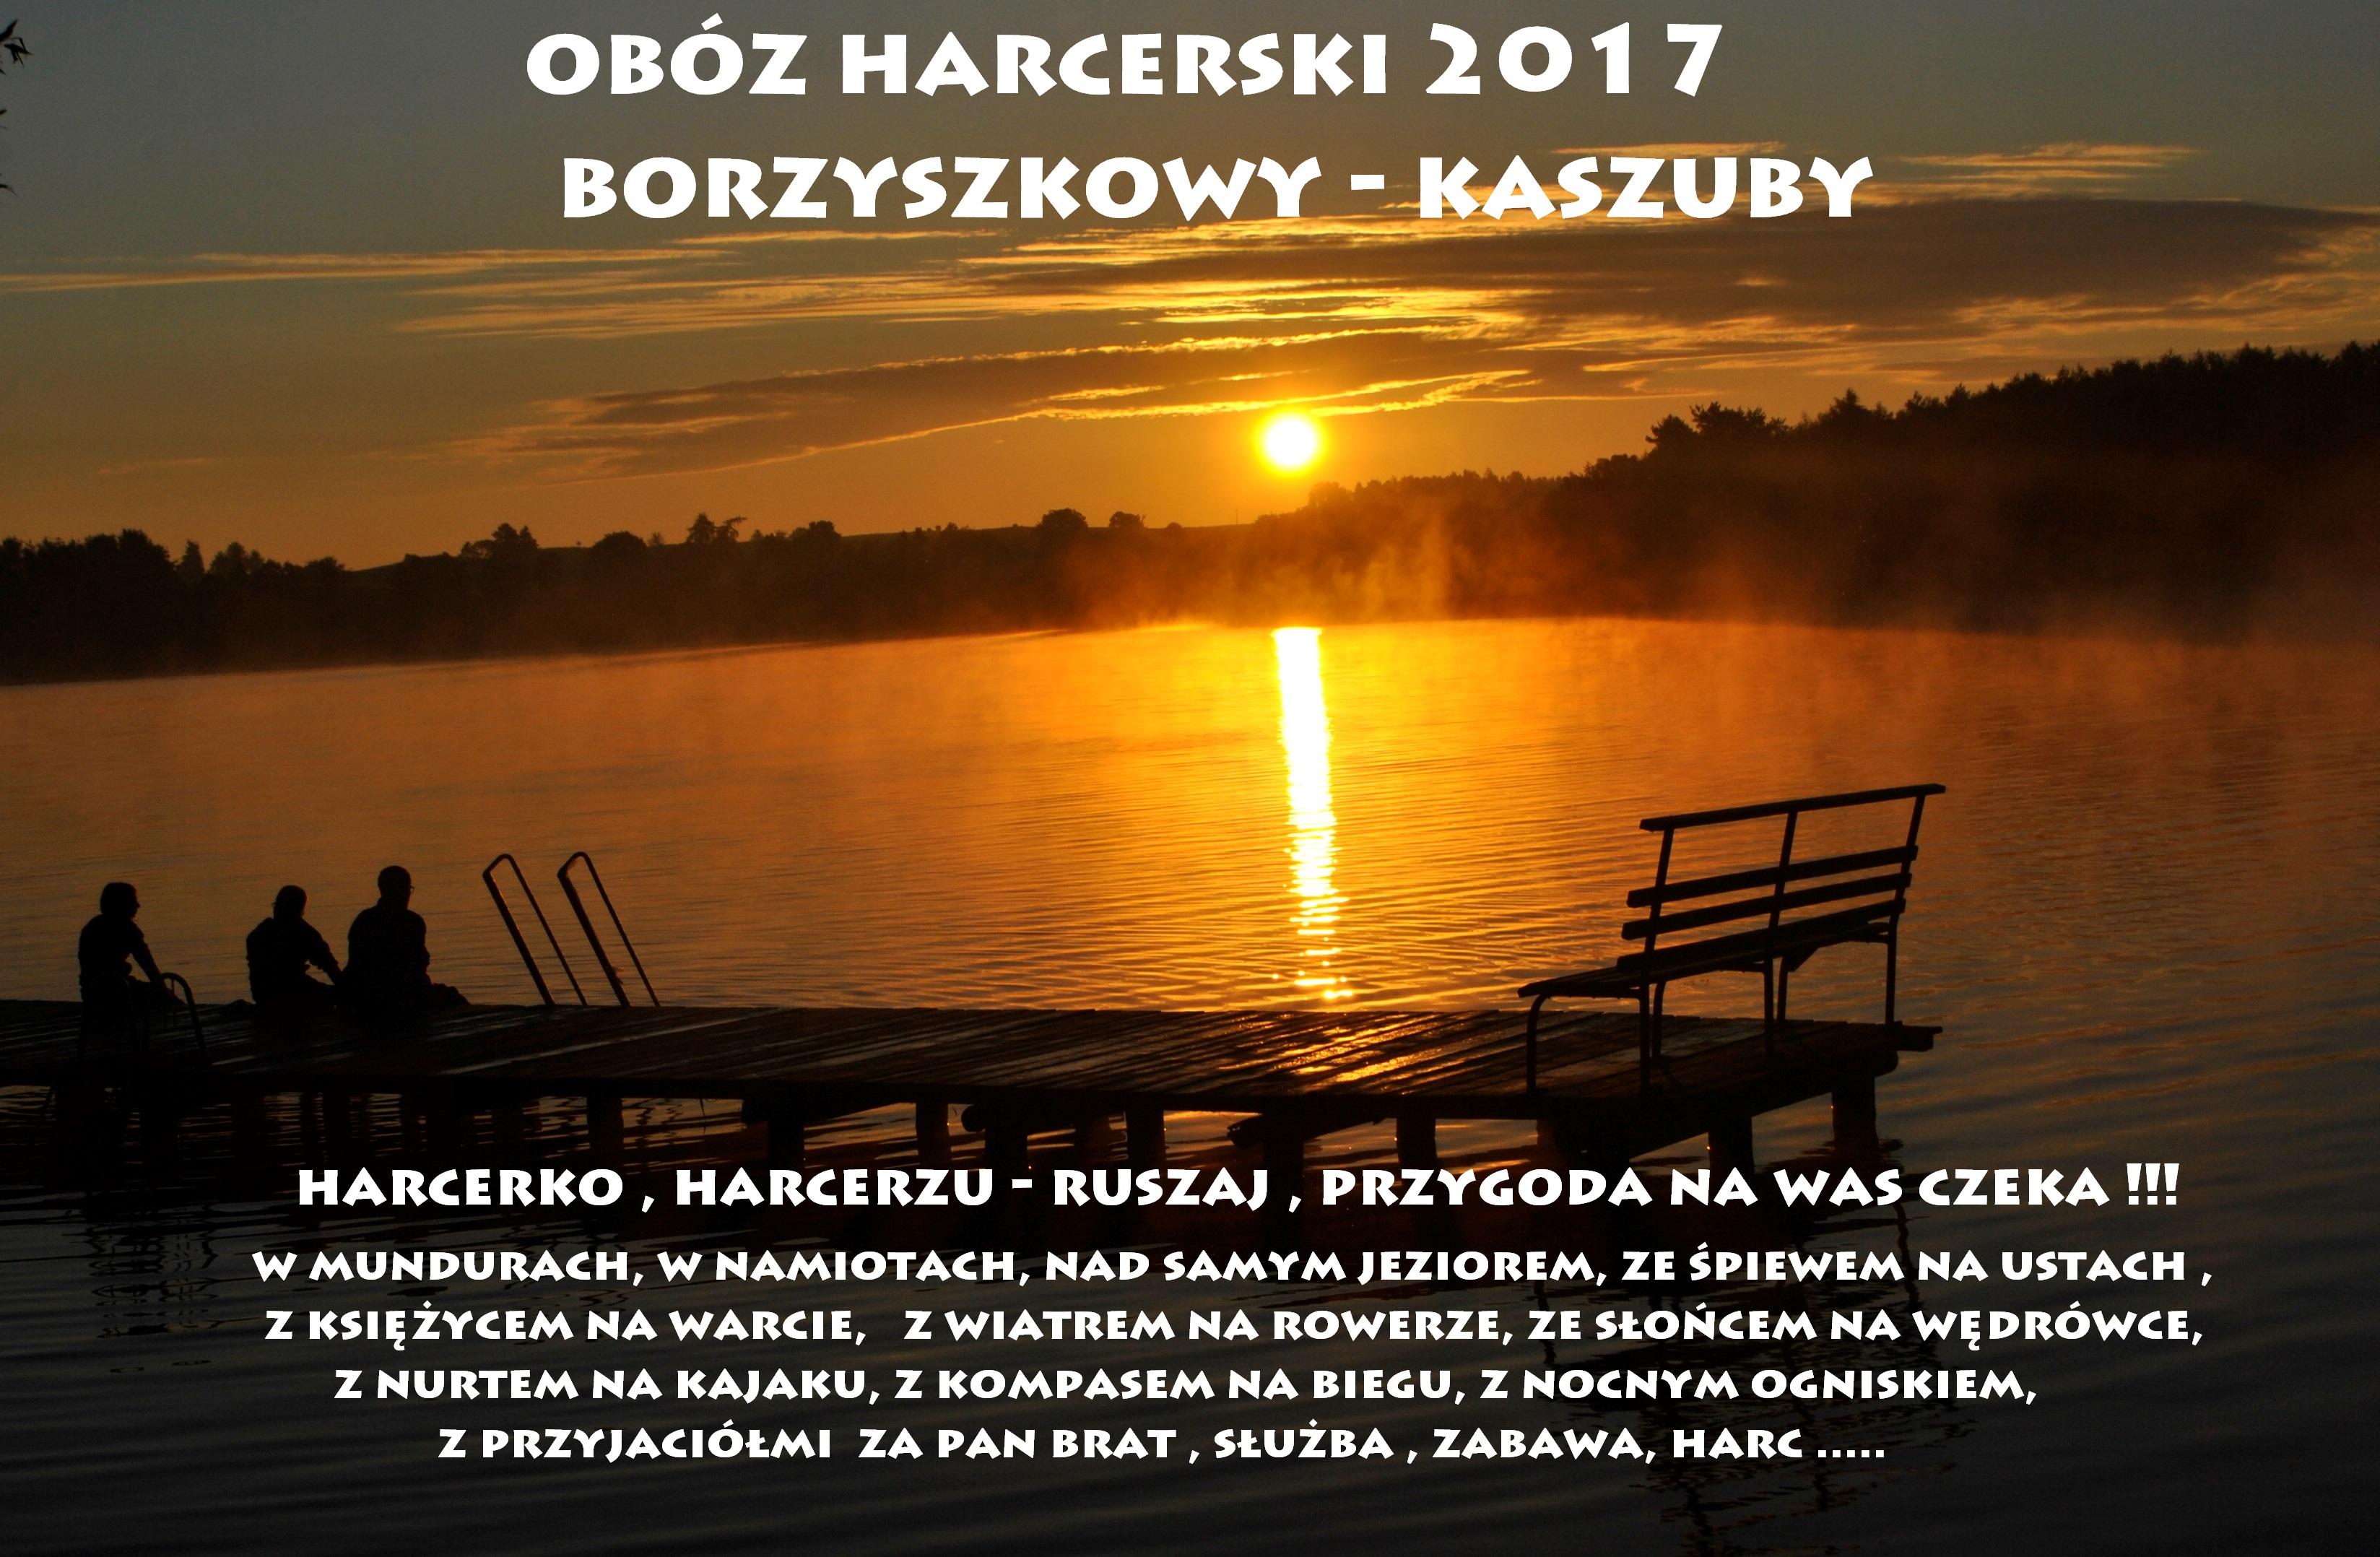 OBÓZ HARCERSKI 2017 !!!